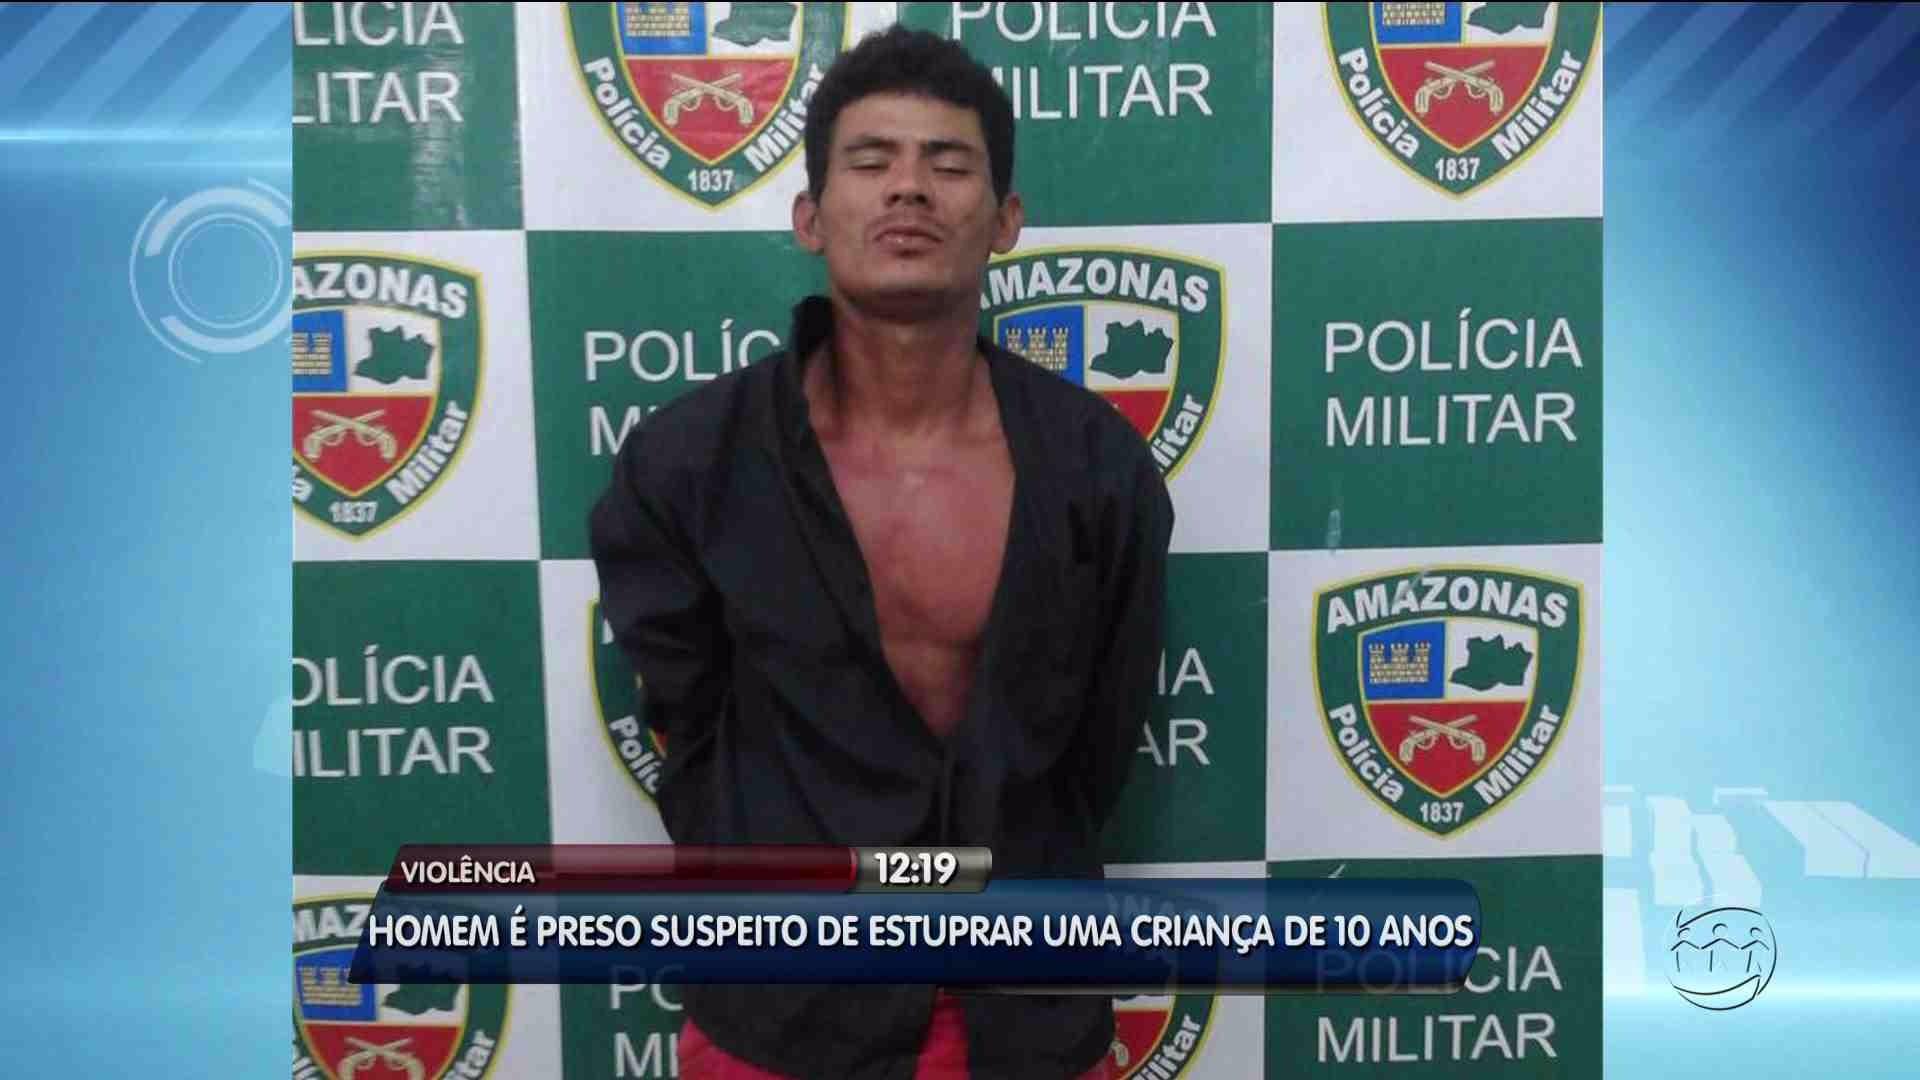 HOMEM SUSPEITO DE ESTUPRAR CRIANÇA É PRESO - Alô Amazonas - 14/08/17